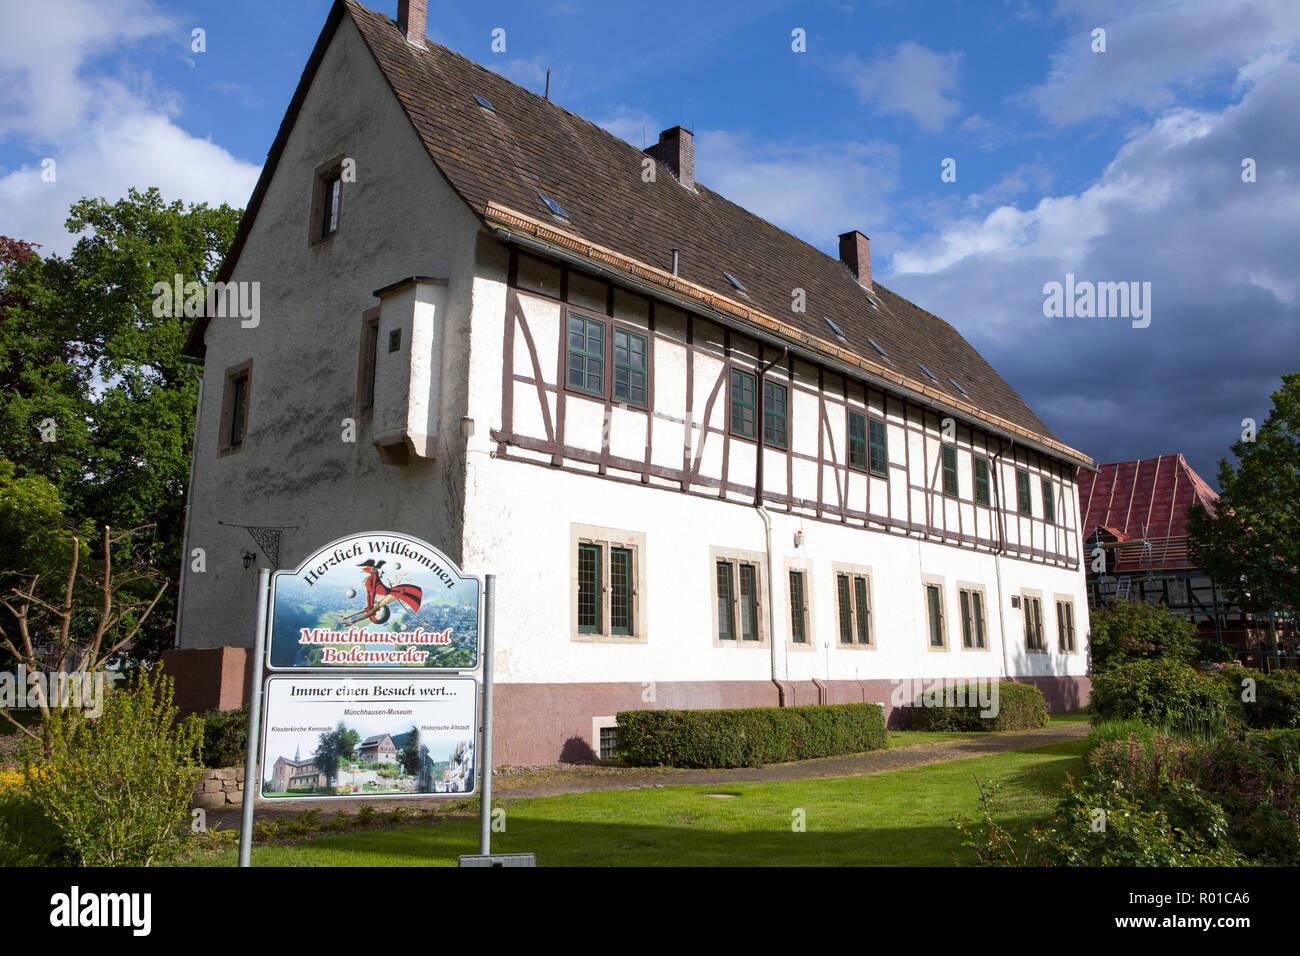 Ayuntamiento, lugar de nacimiento y residencia del Barón Muenchhausen, Bodenwerder, Weserbergland, Baja Sajonia, Alemania, Europa Foto de stock